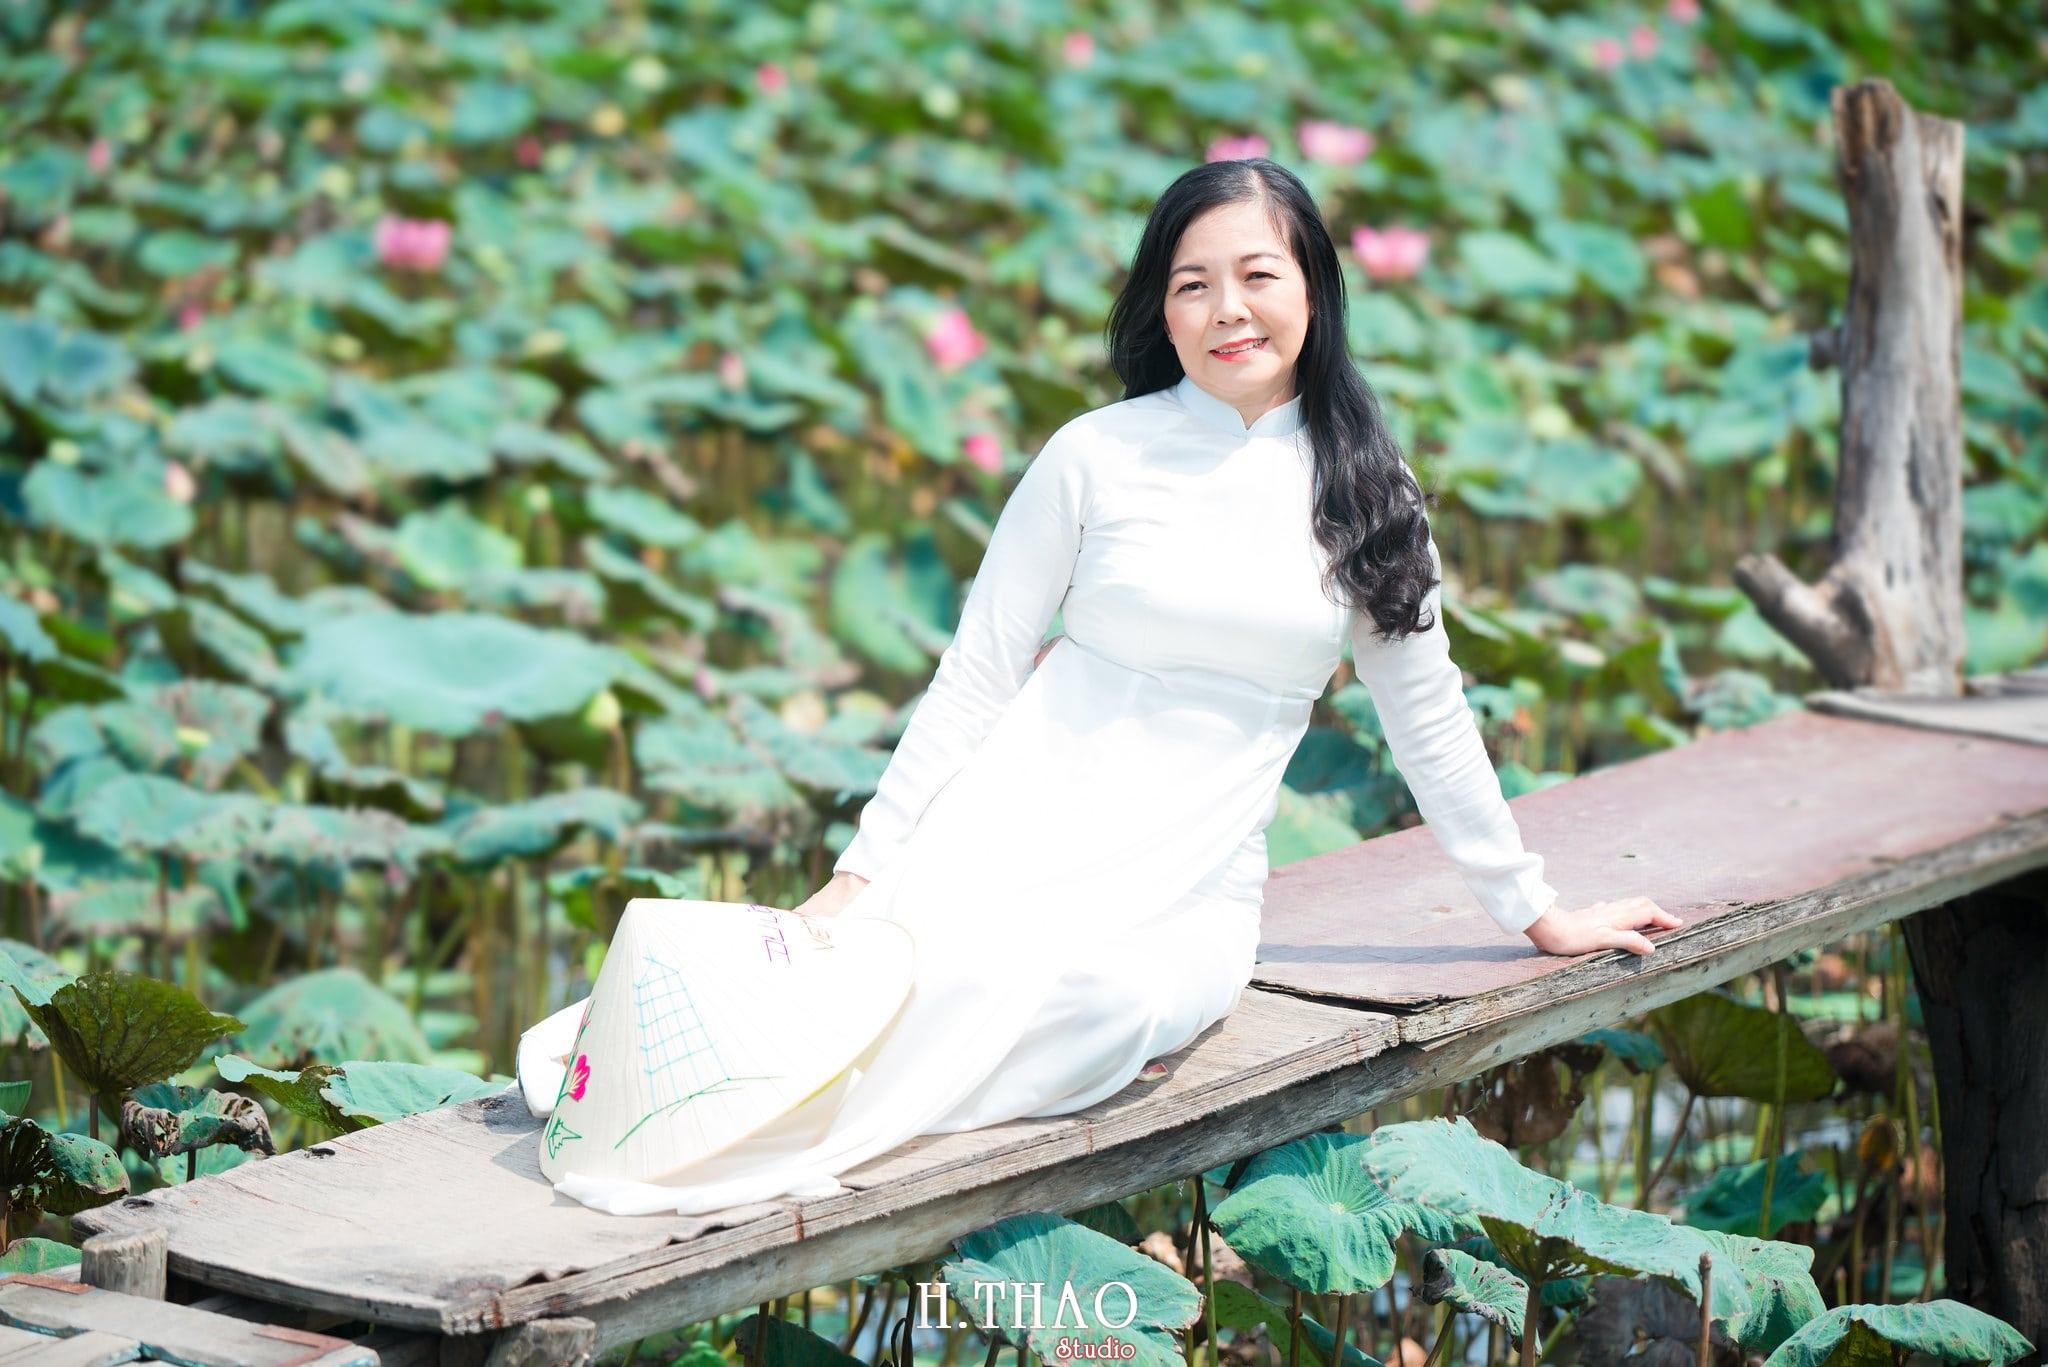 nh áo dài hoa sen 37 - Góc ảnh áo dài tuổi 50 cô Phương chụp với hoa sen- HThao Studio